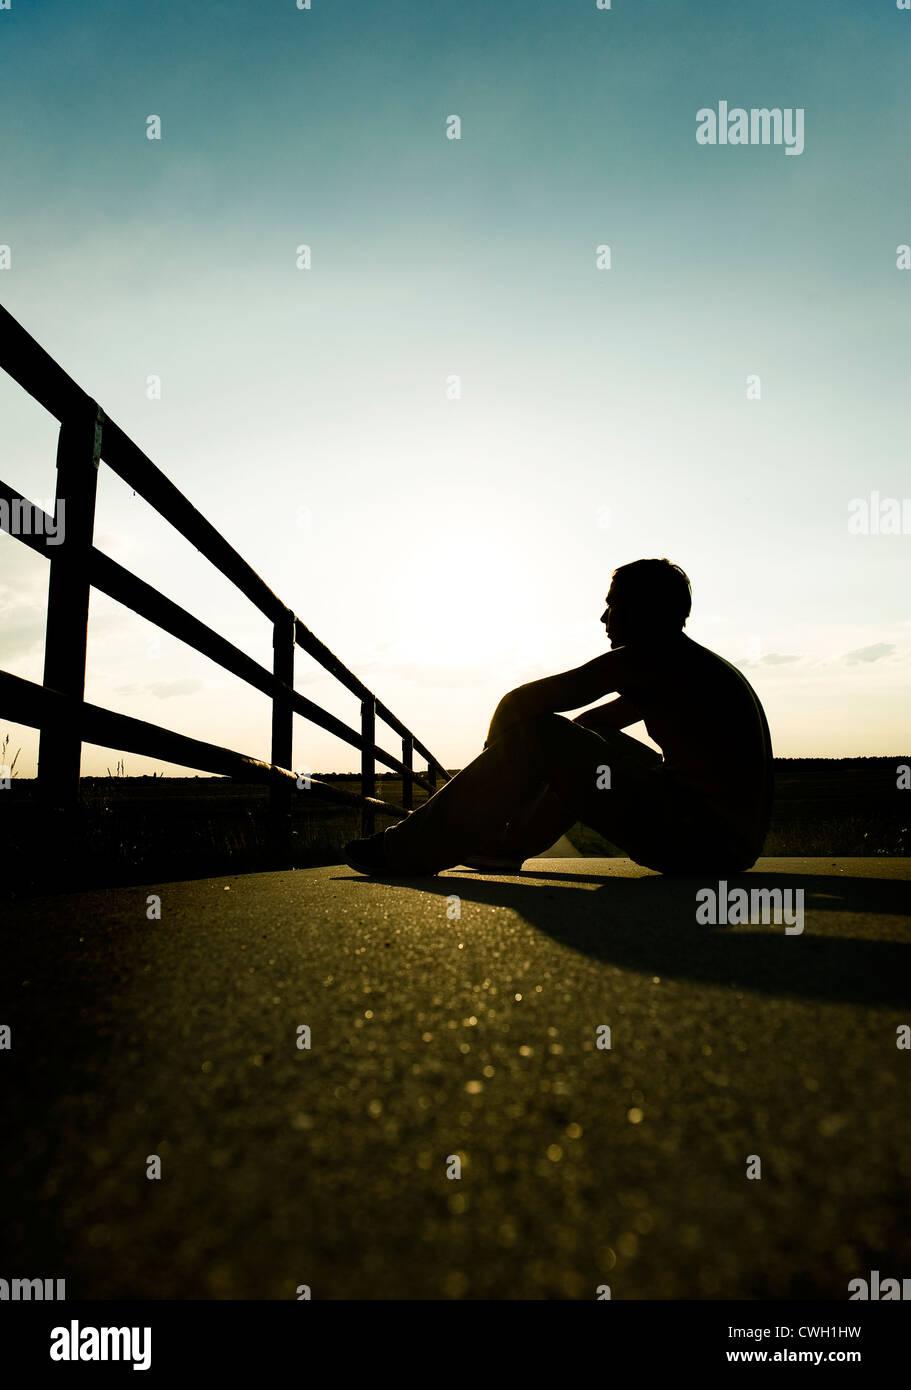 Einsamkeit, Einsamkeit, silhouette Stockbild